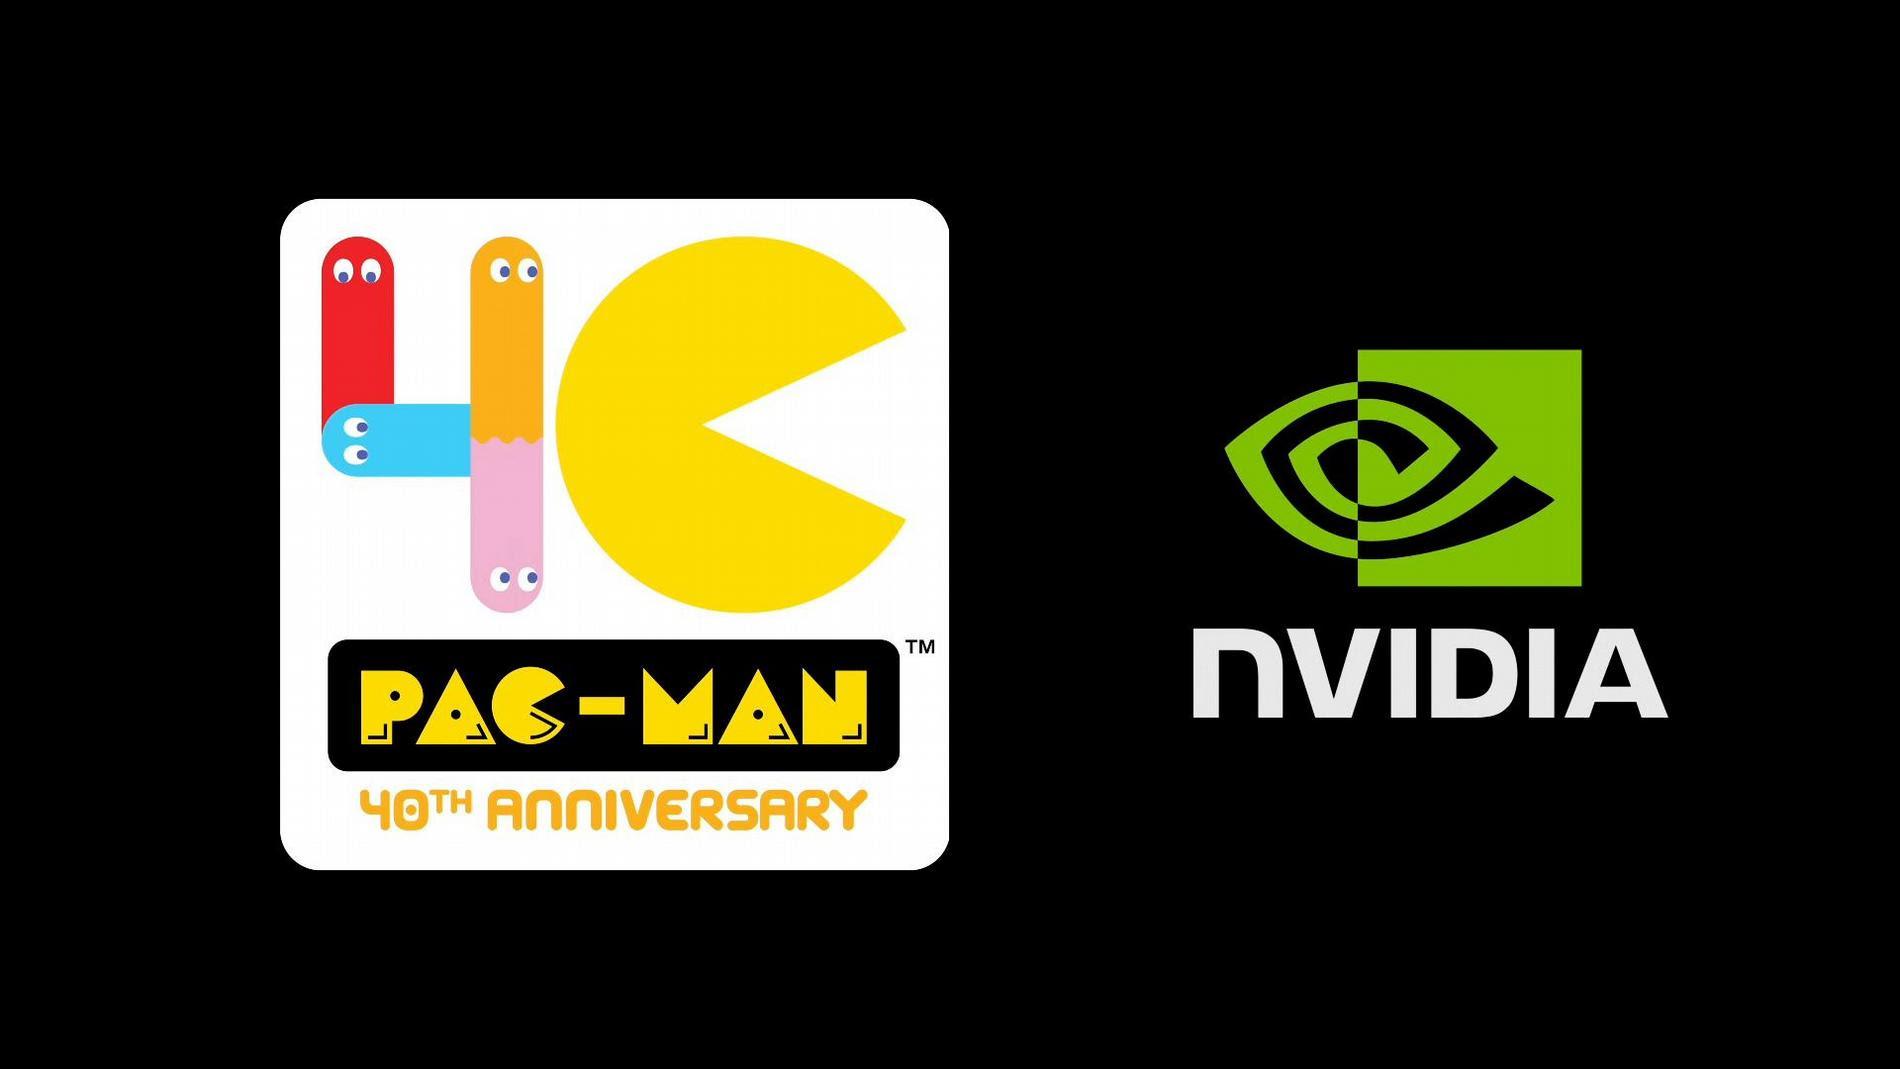 PAC-MAN GameGAN